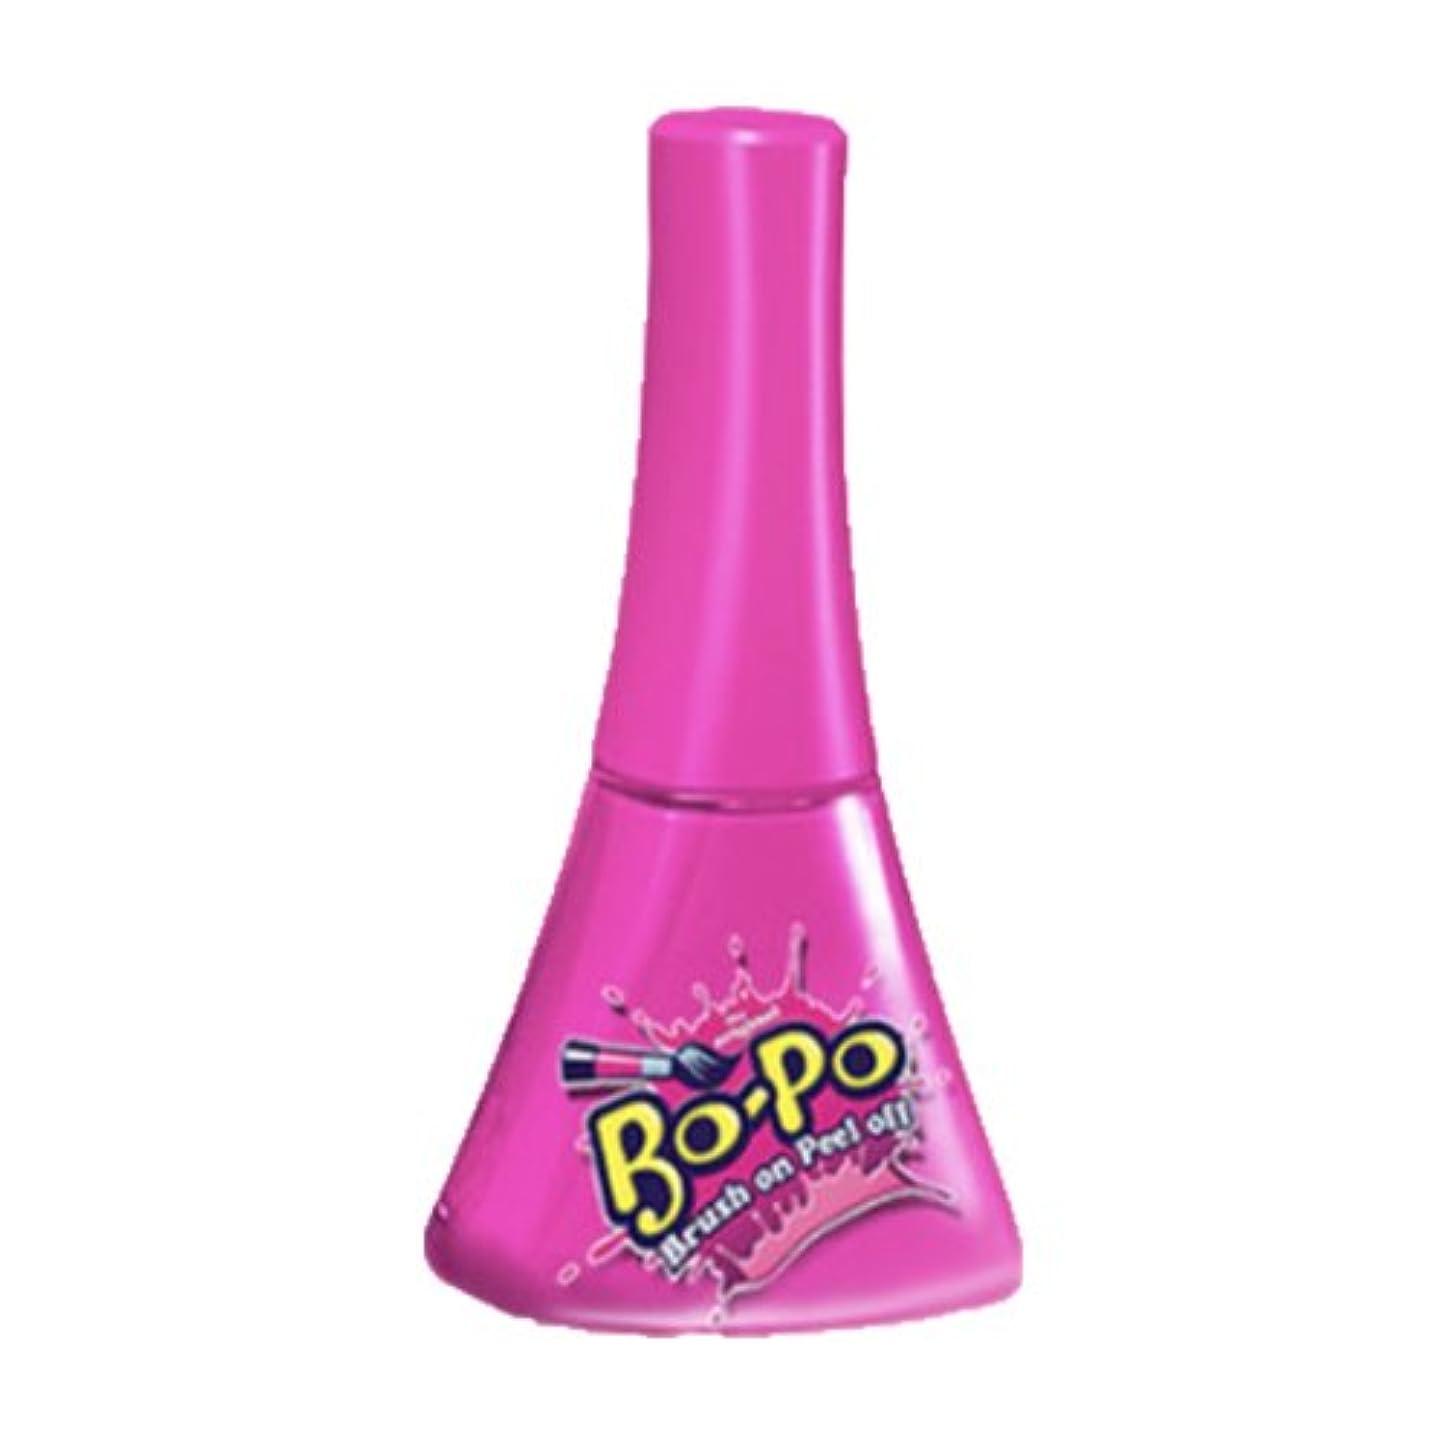 超える部屋を掃除するフィードオンbopo 子供用 マニキュア ネイルマニキュア 全9種類 剥がすタイプ (Bubble Gum(ホットピンク))